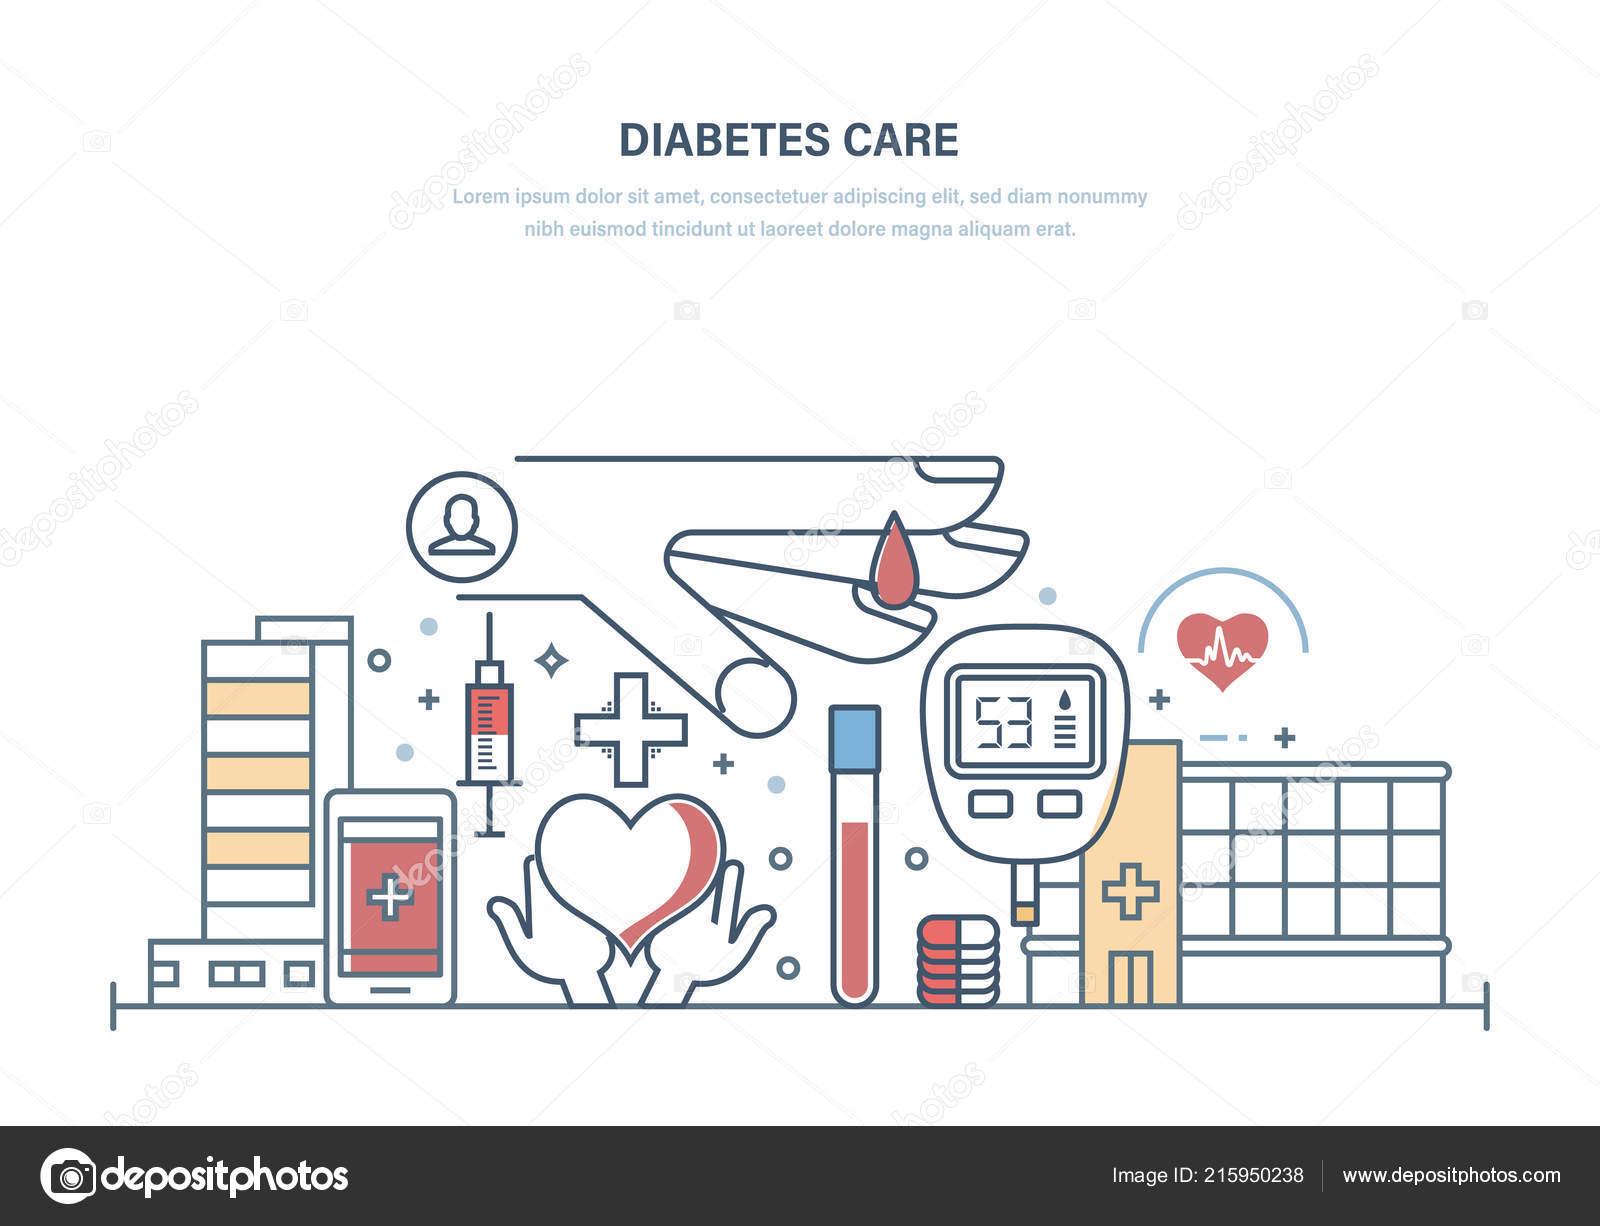 Randki online z cukrzycą